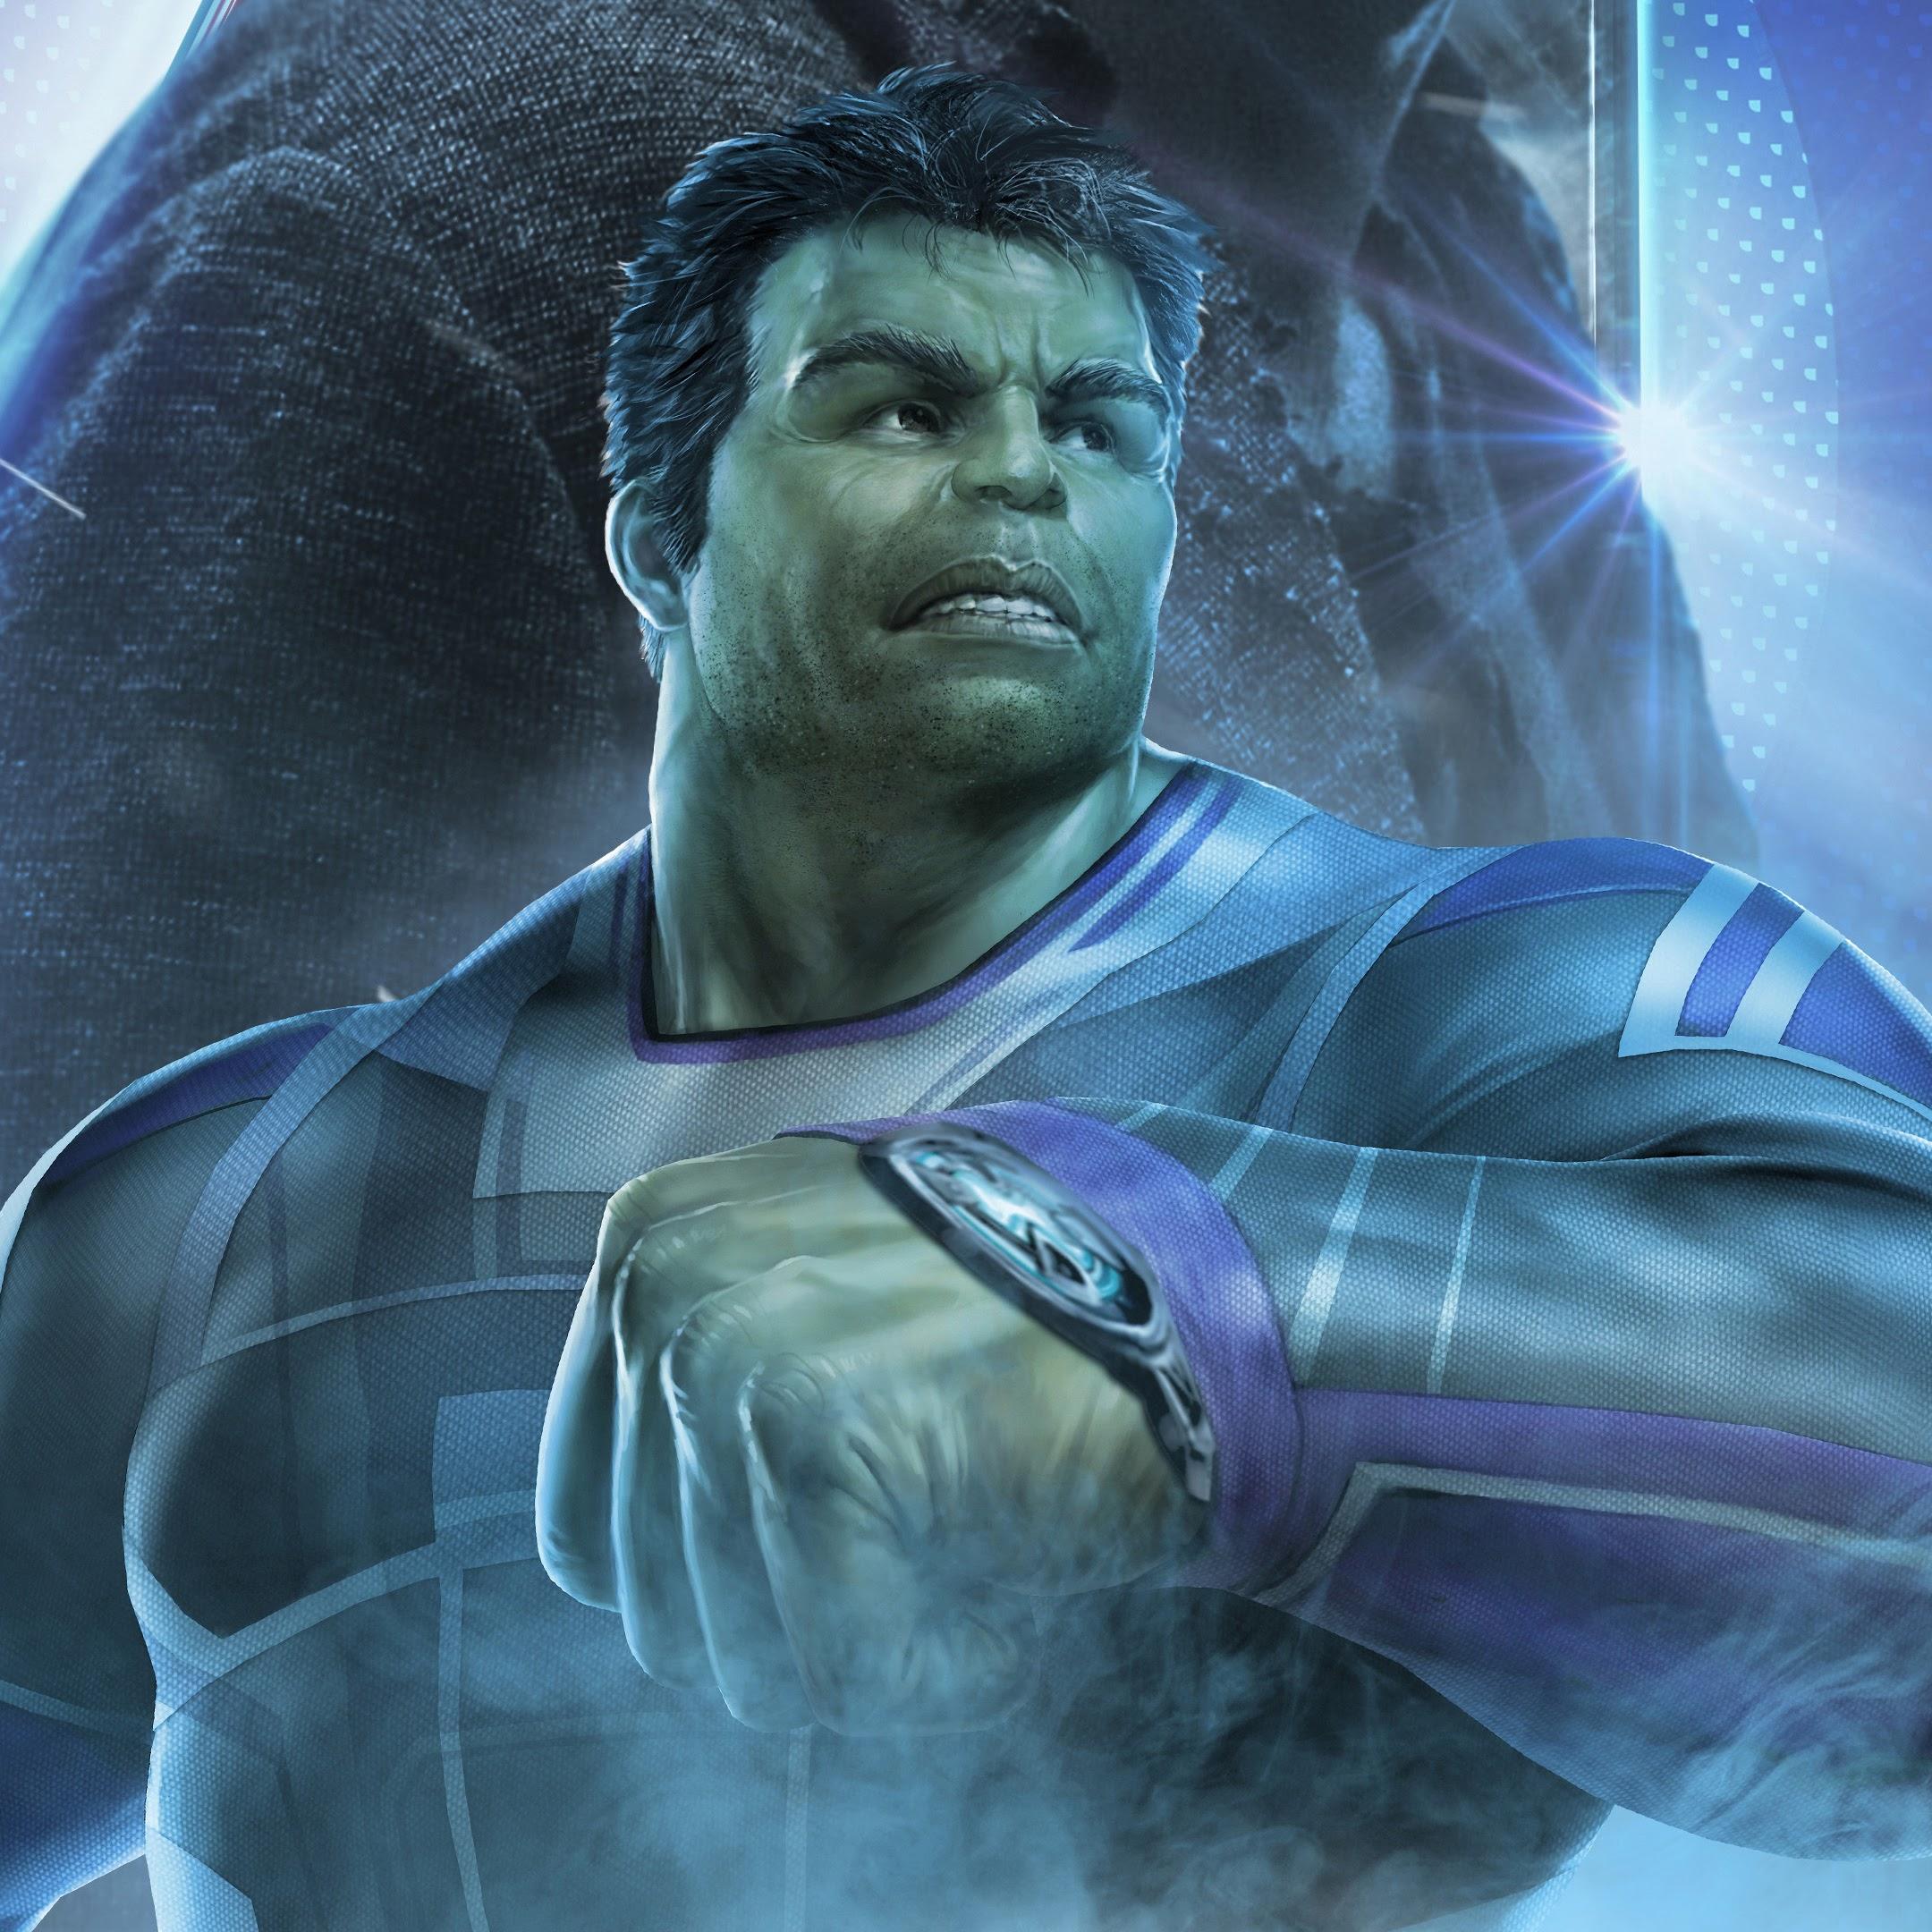 Avengers Endgame Hulk 4k 20 Wallpaper